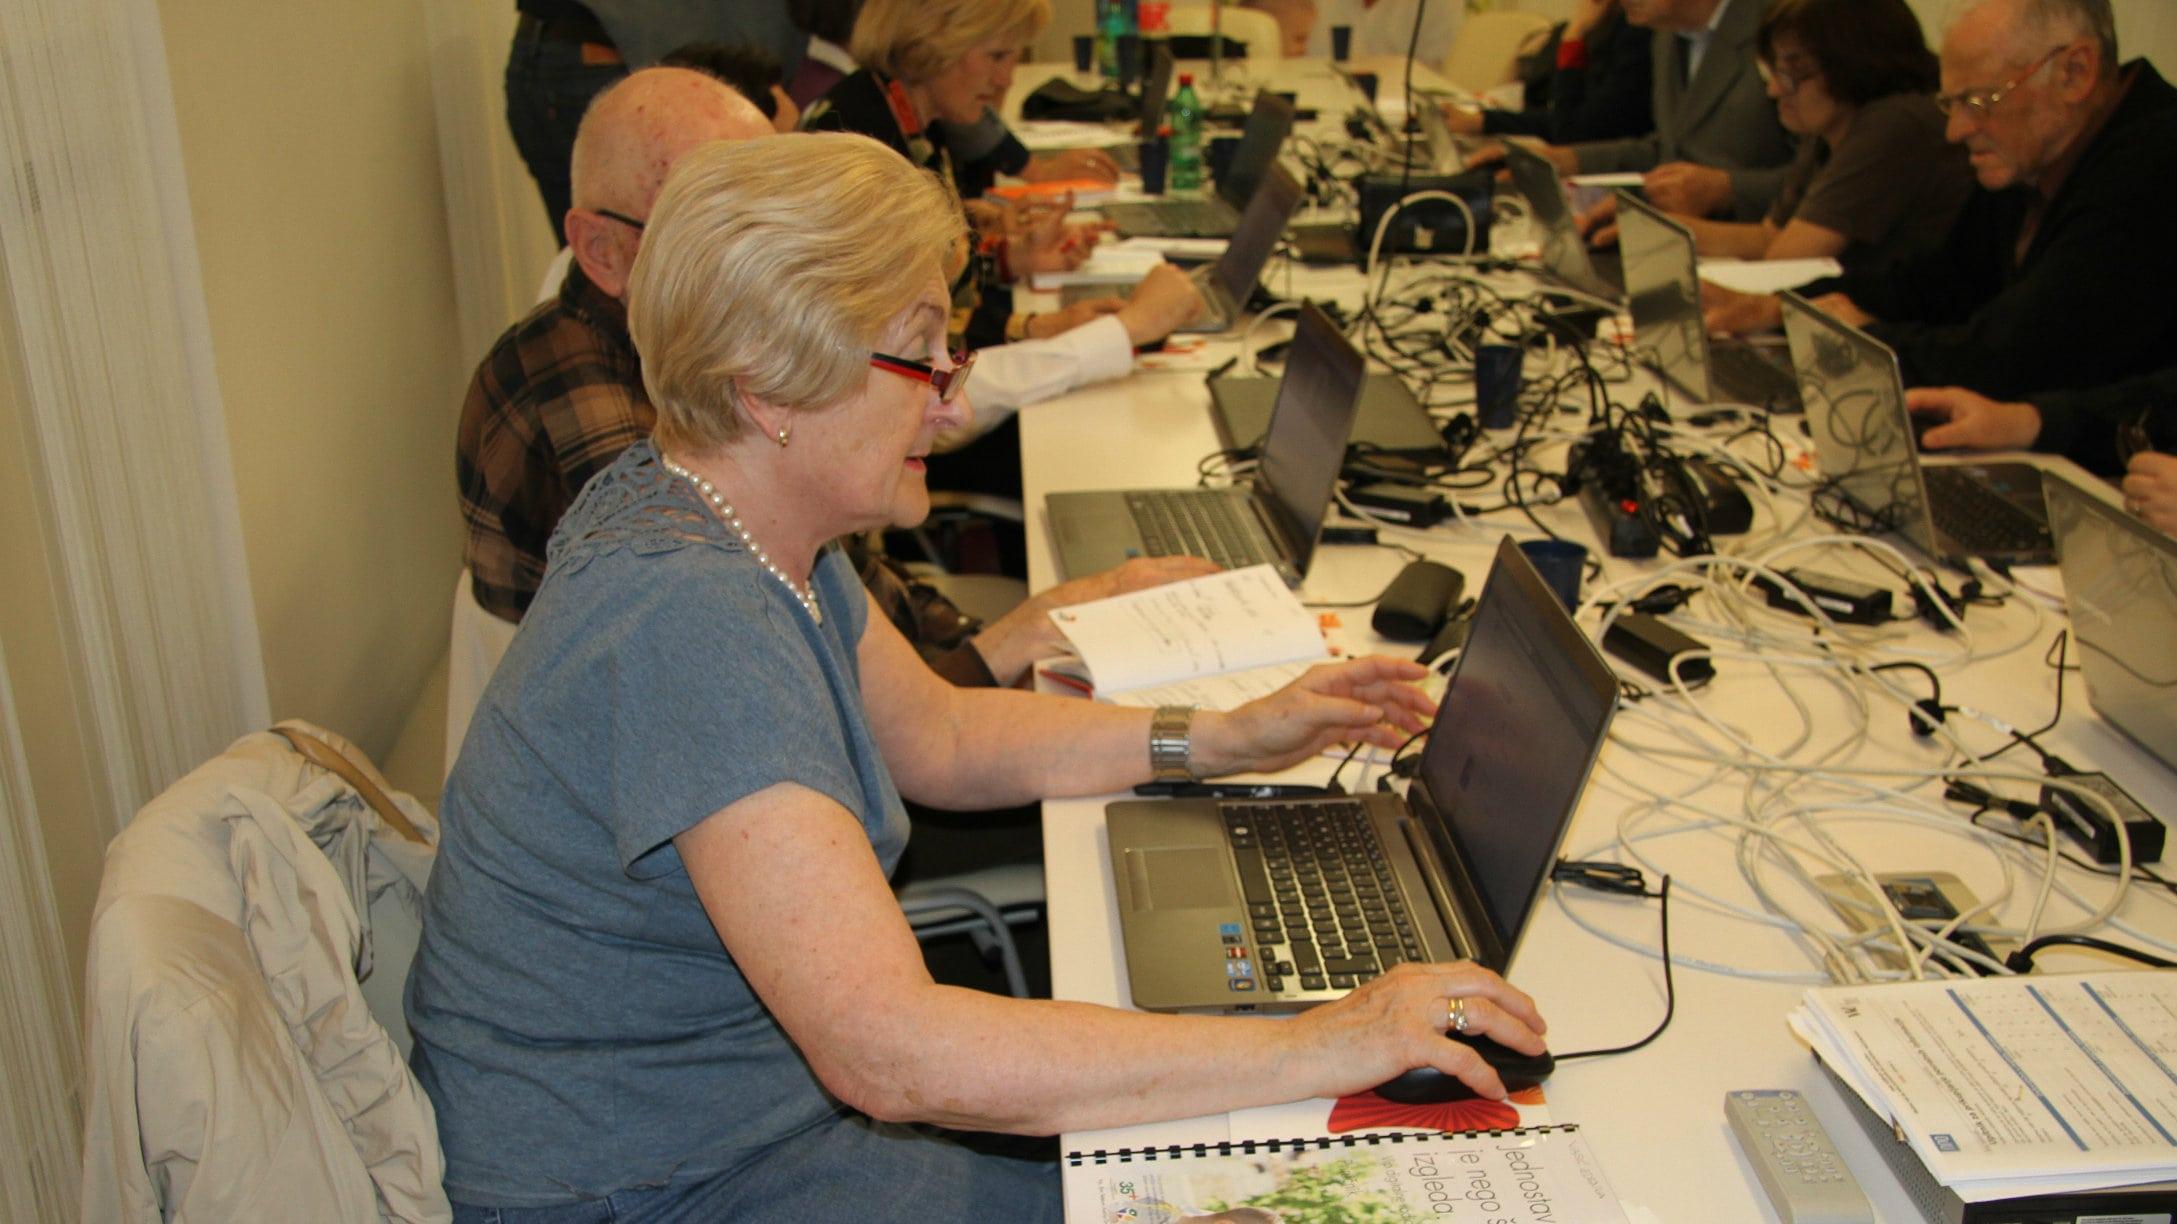 Besplatna digitalna radionica za starije 11. jula 13